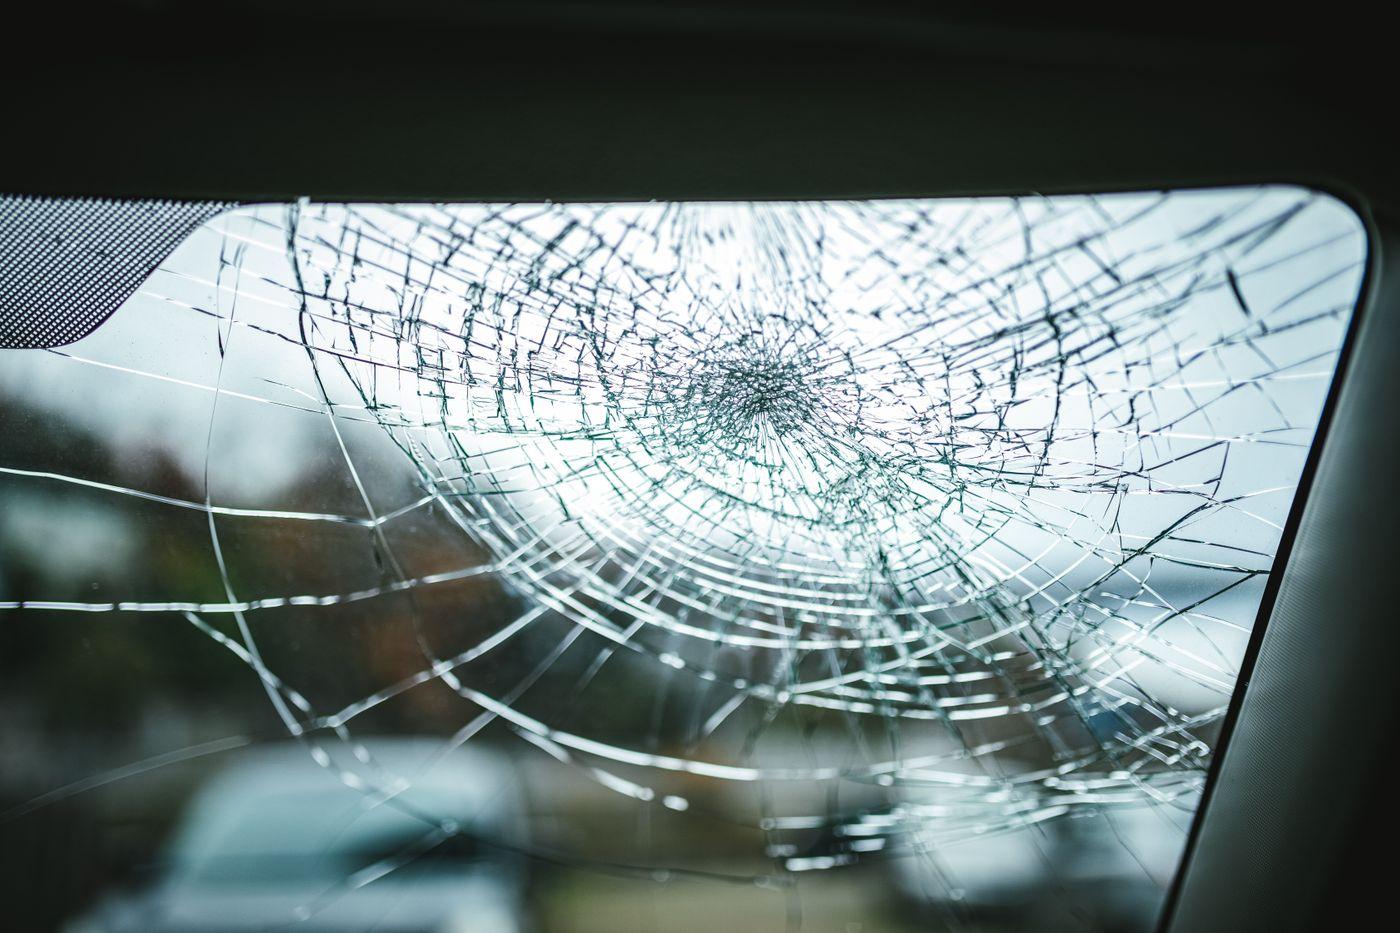 飛び石によってフロントガラスにヒビが入るの写真